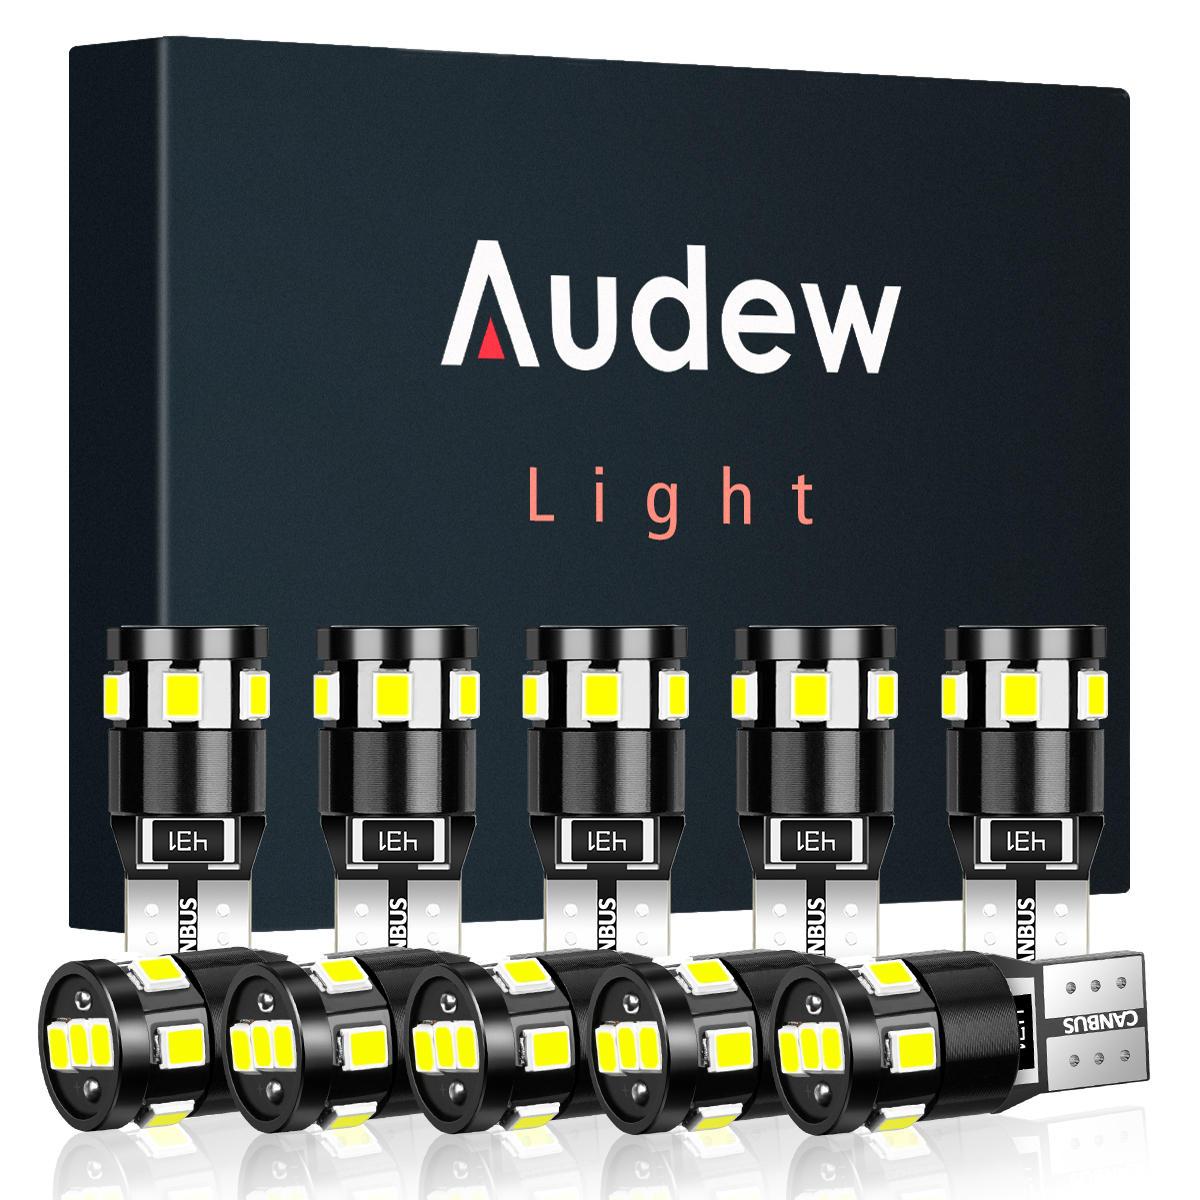 Audew T10 W5W Coche 2835 SMD LED Luces de posición laterales Estacionamiento Interior Bombillas Canbus Sin errores 2.7W 4882K Xenón blanco 10 piezas